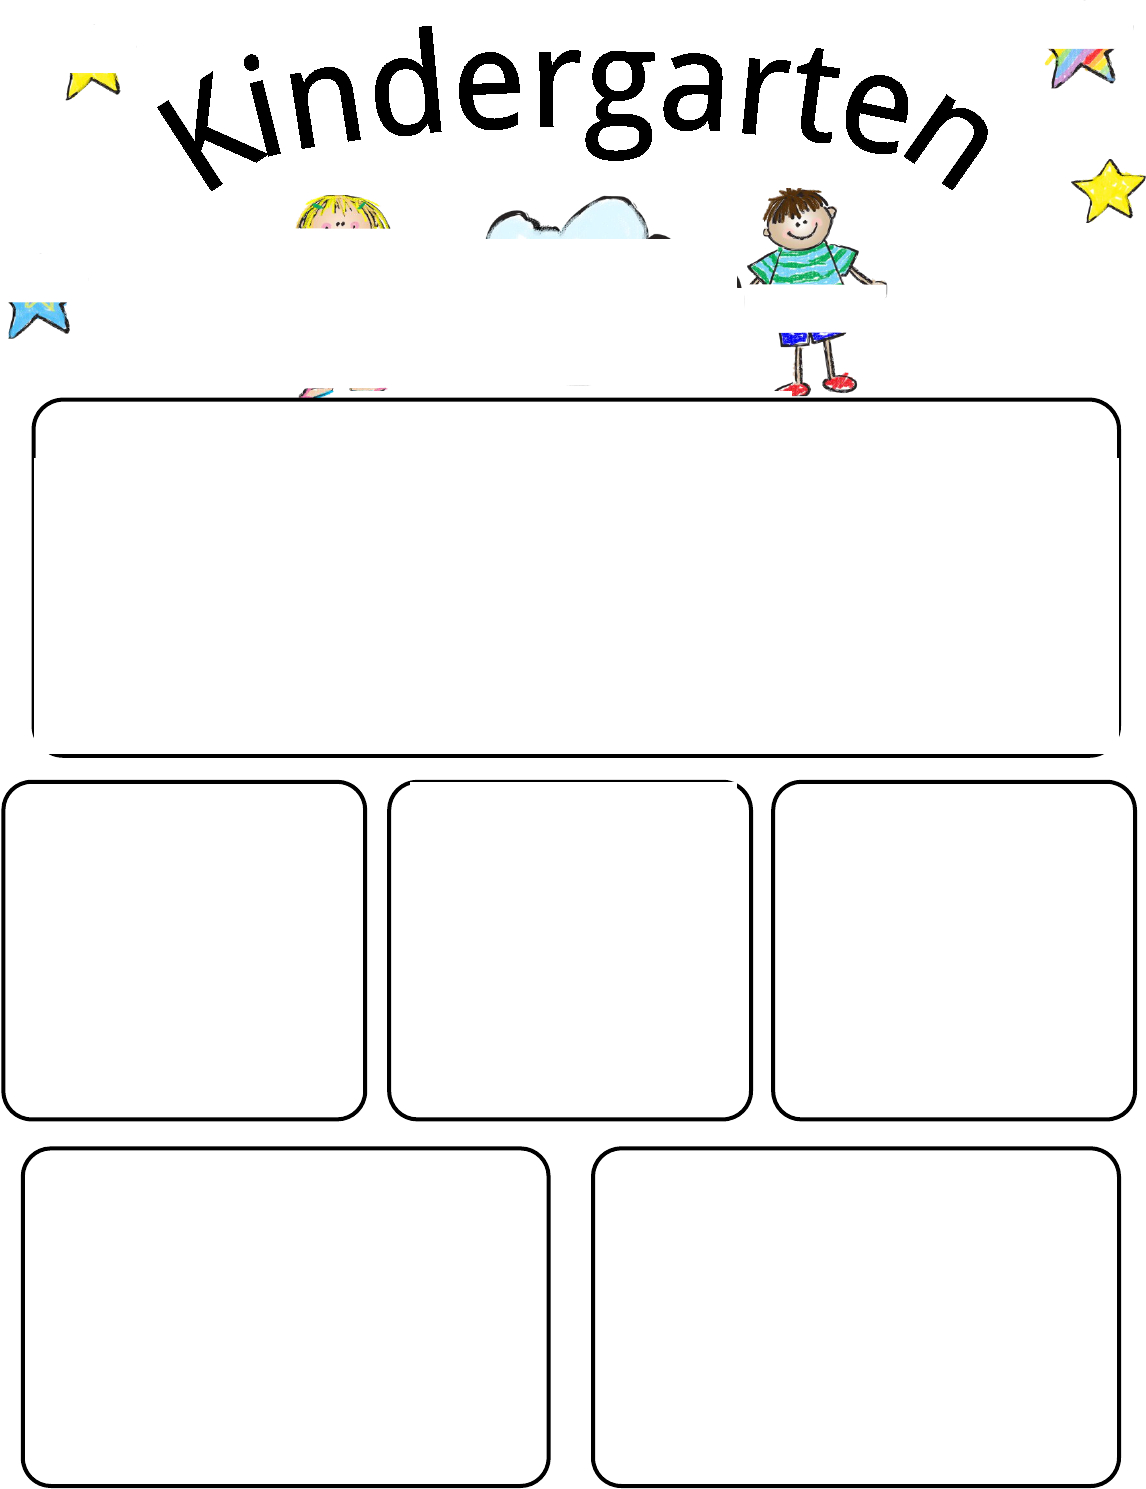 Kindergarten Newsletter Template 1 For Free Tidyform | Kids - Free Printable Kindergarten Newsletter Templates